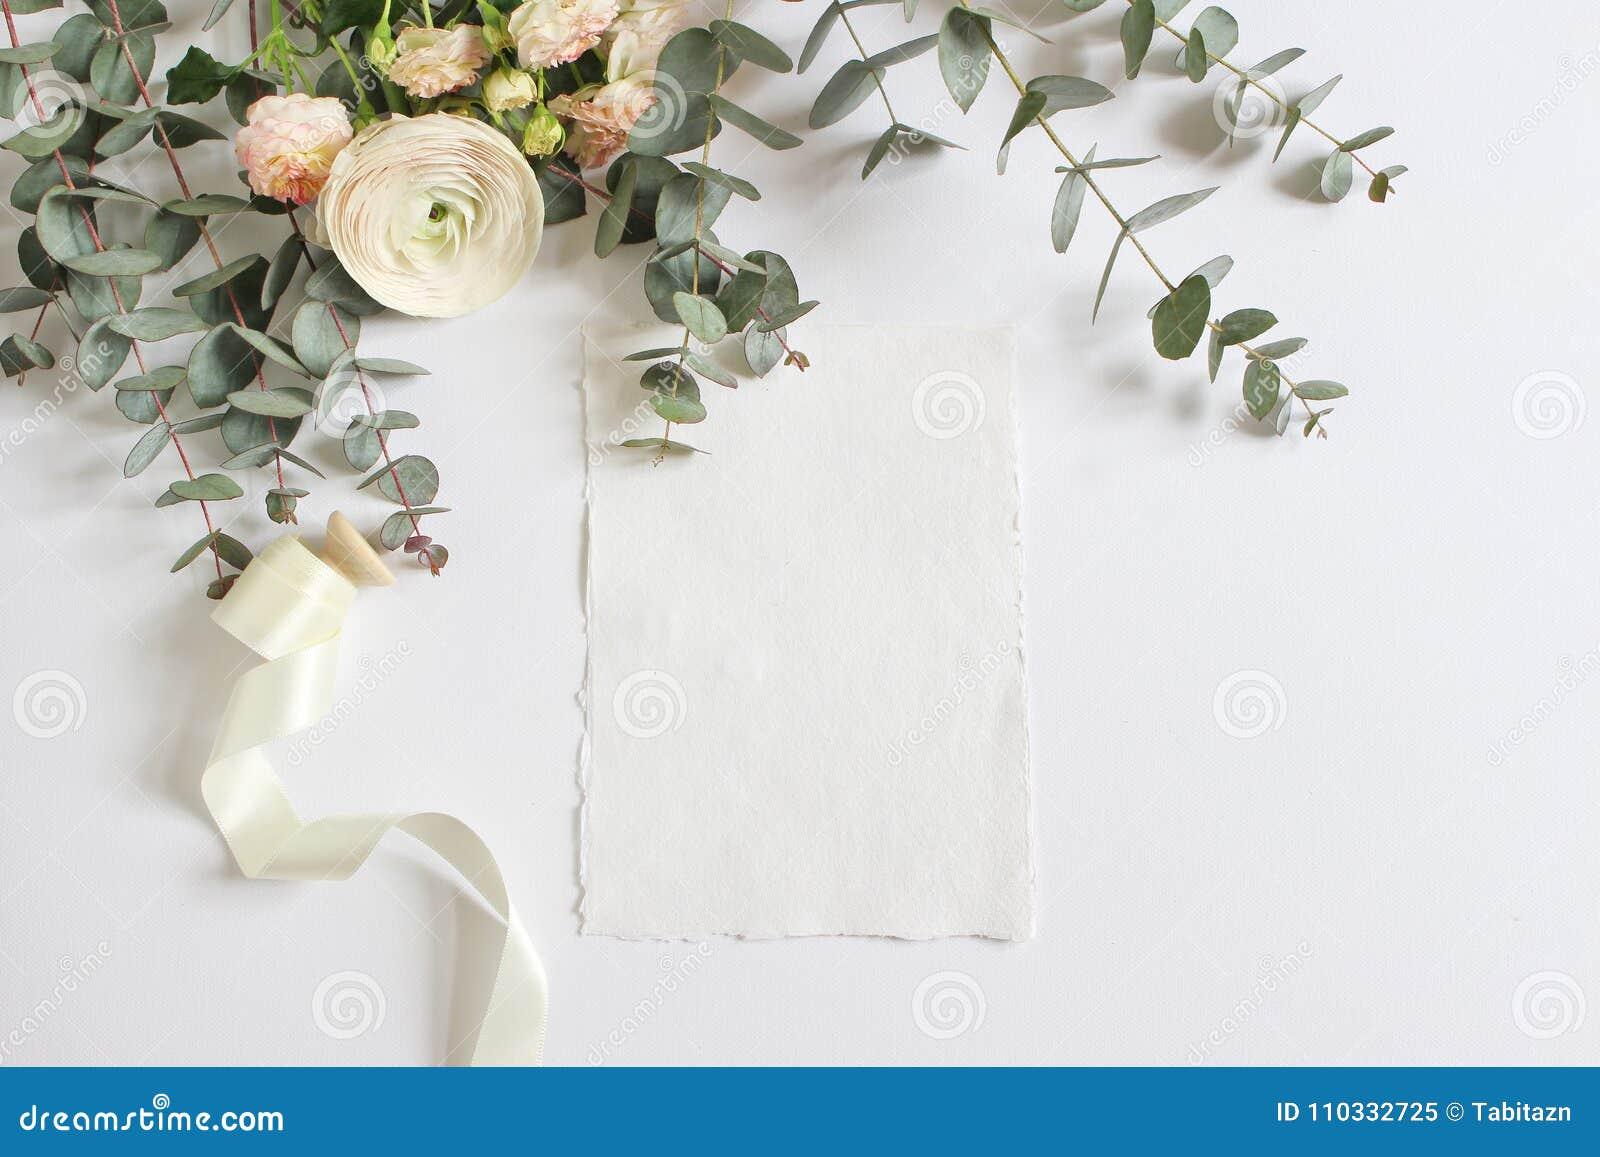 Свадьба, сцена модель-макета дня рождения с флористическим букетом персидского лютика, цветка лютика, розовых роз, евкалипта